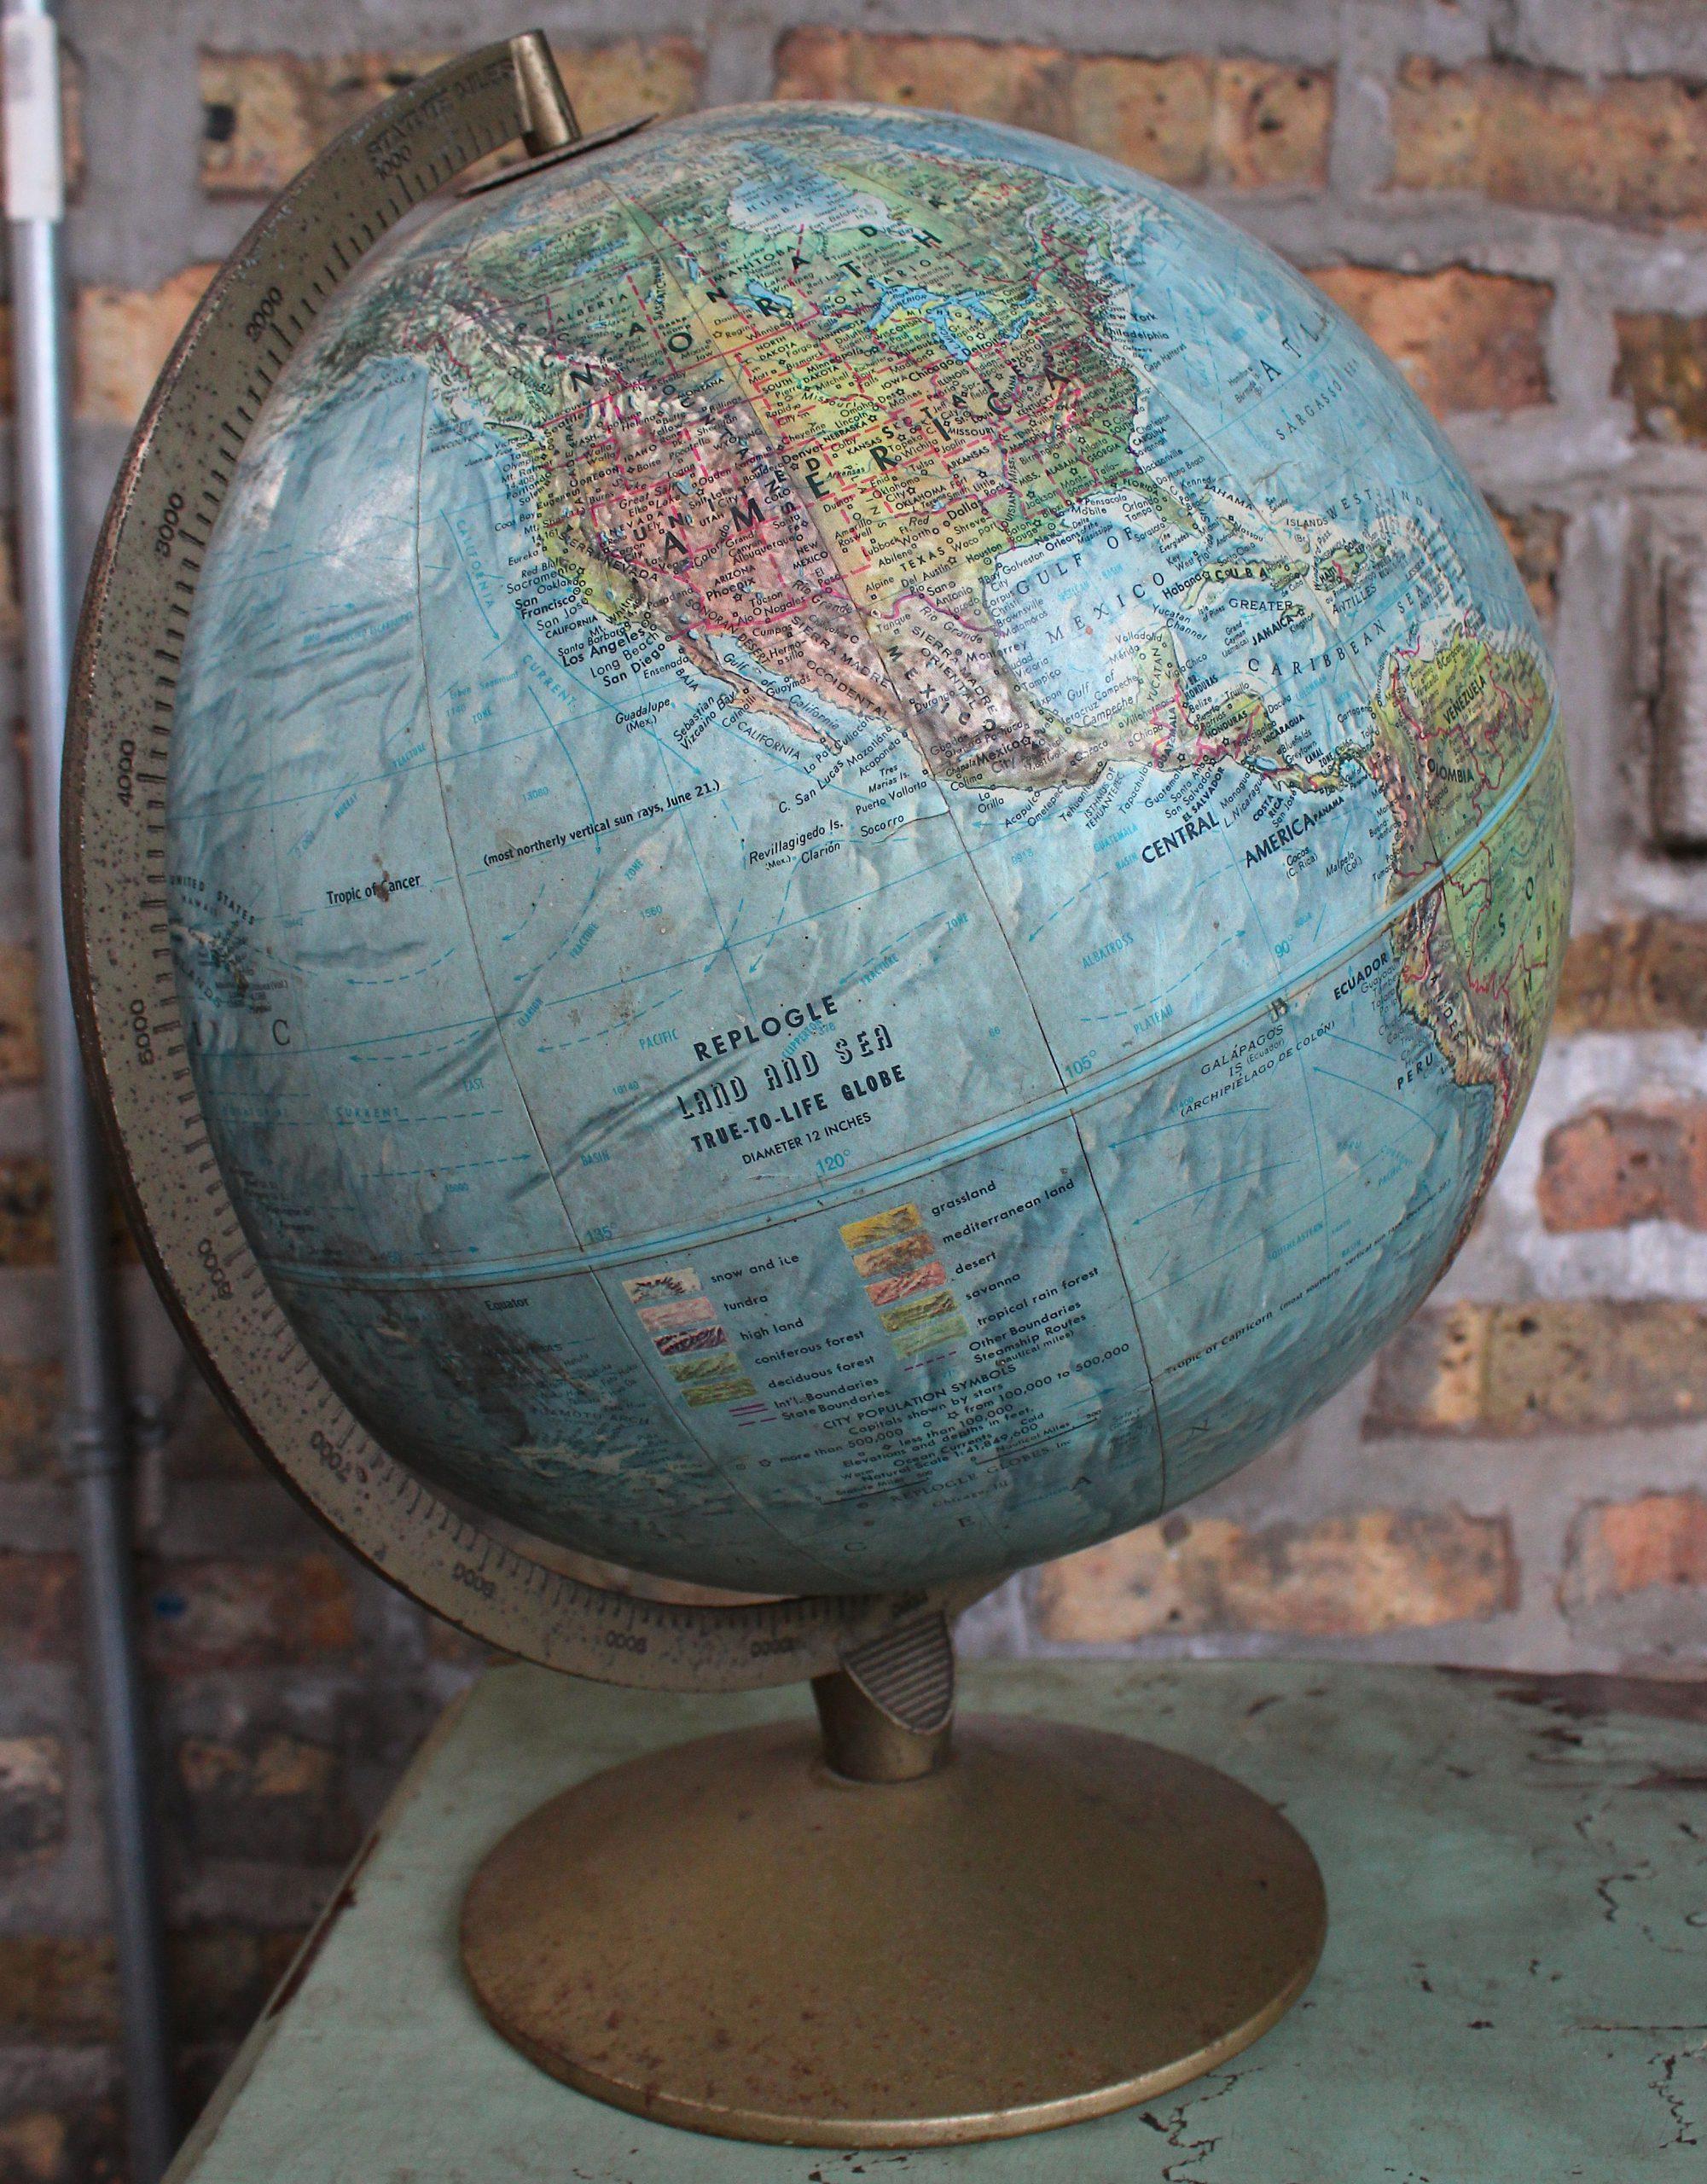 Replogle Globes, Inc., est. 1930